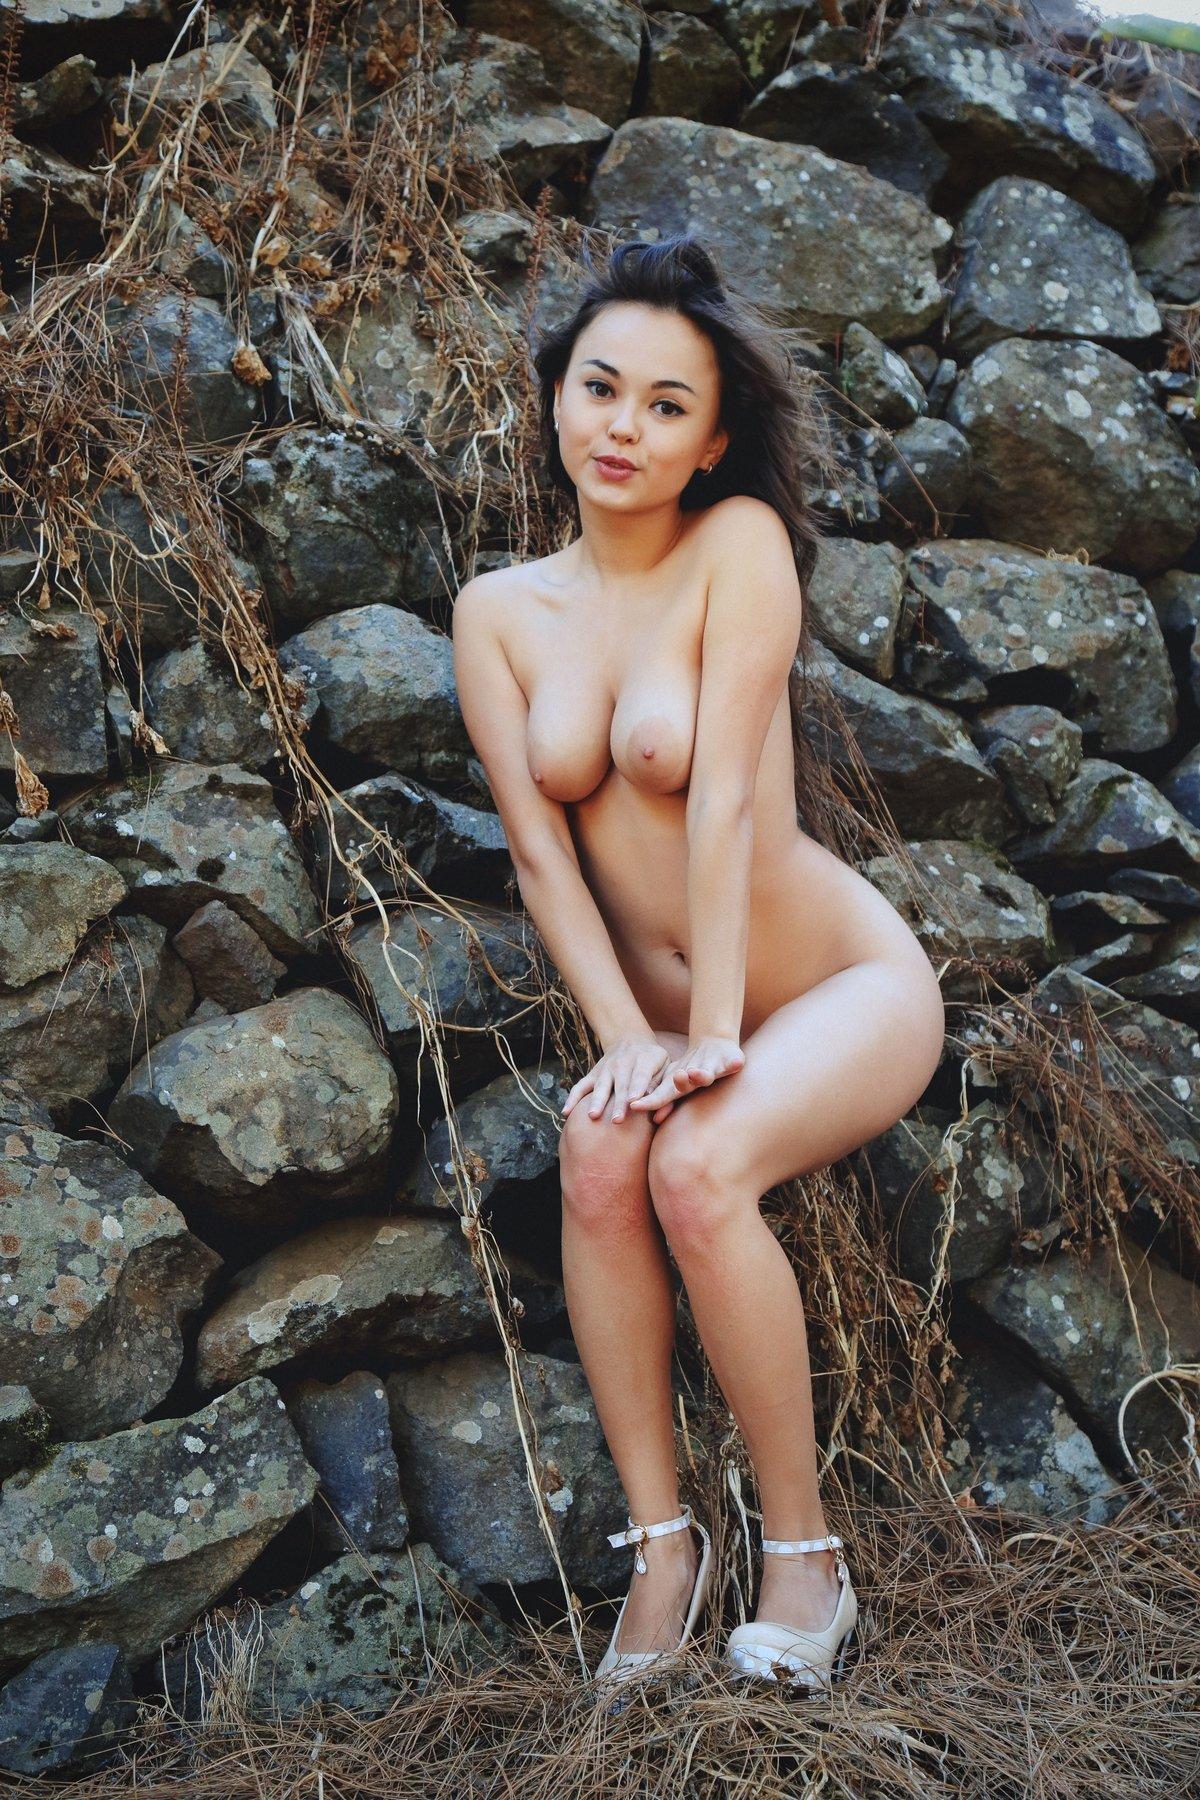 Роскошная обнаженная темненькая девушка возле каменной стены